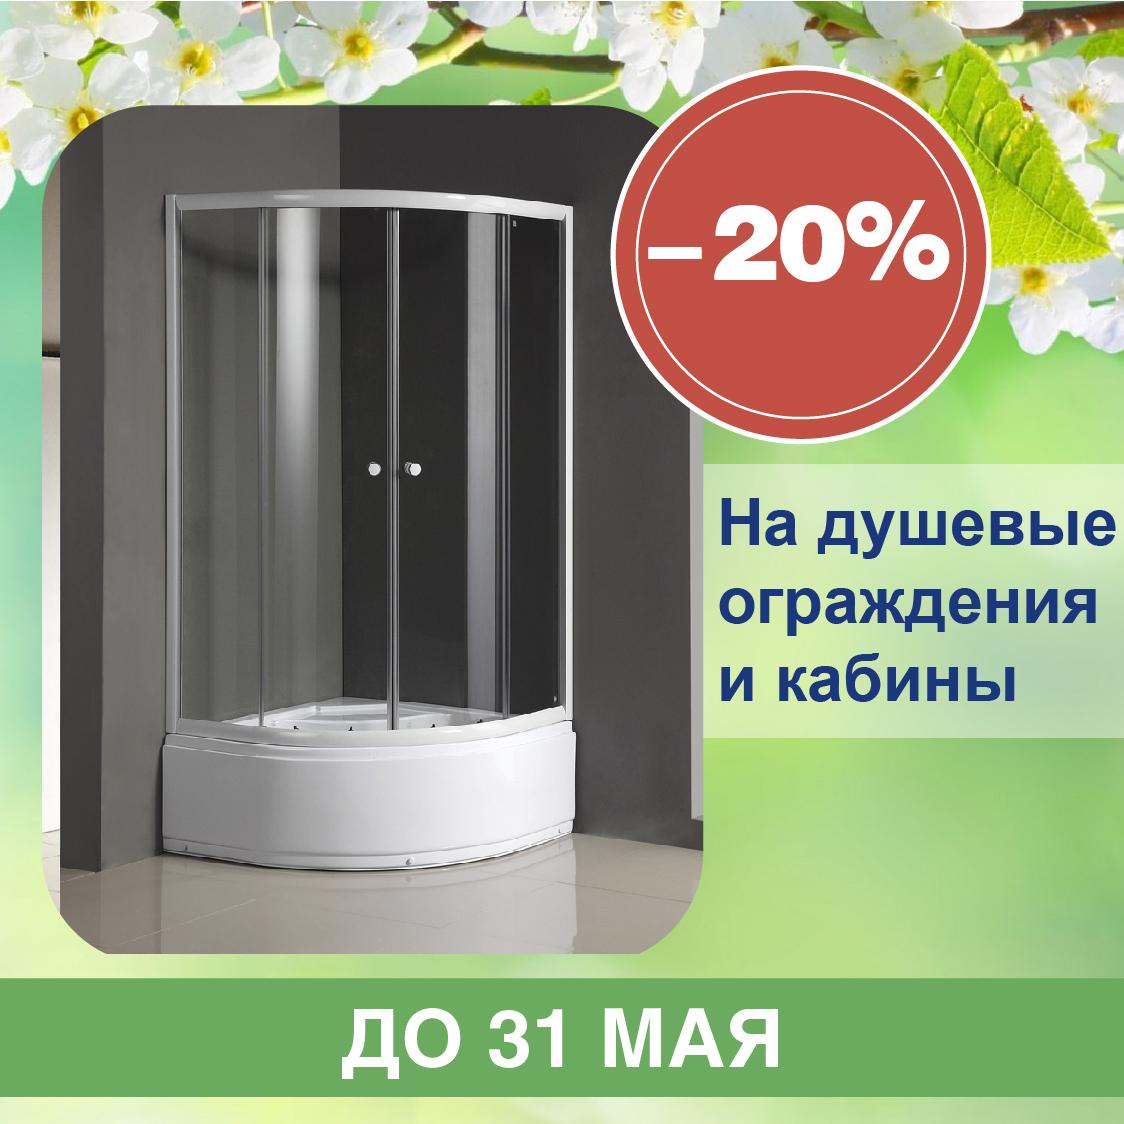 Кабины_май-06